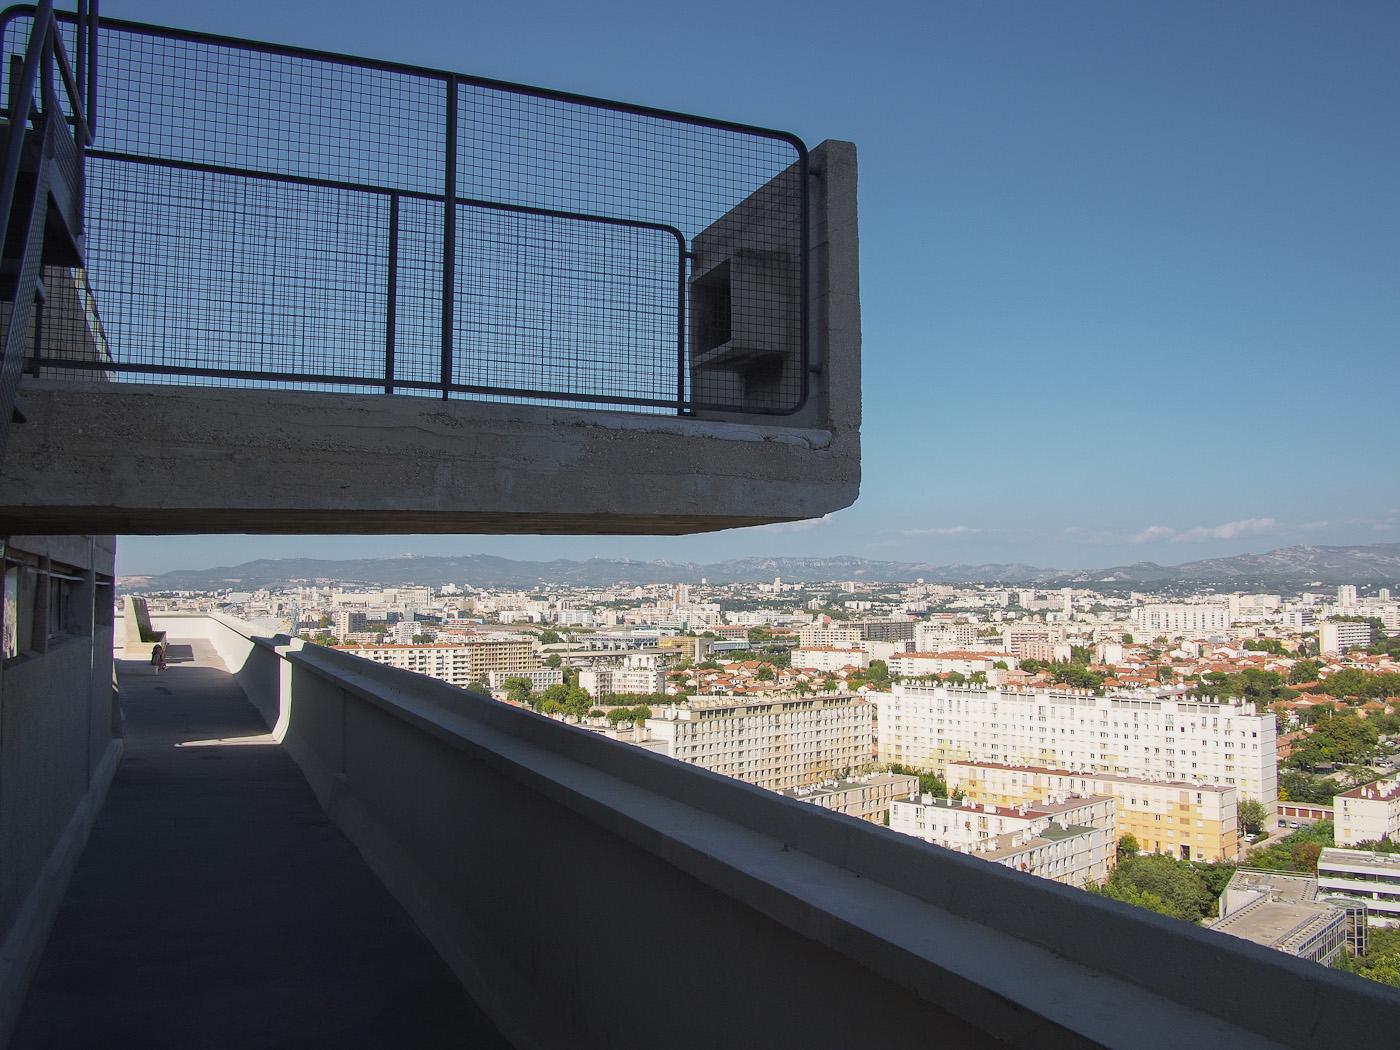 The top deck jutting out over Marseilles in La Cité Radieuse, by Le Corbusier. Olympus OM-D EM-5.